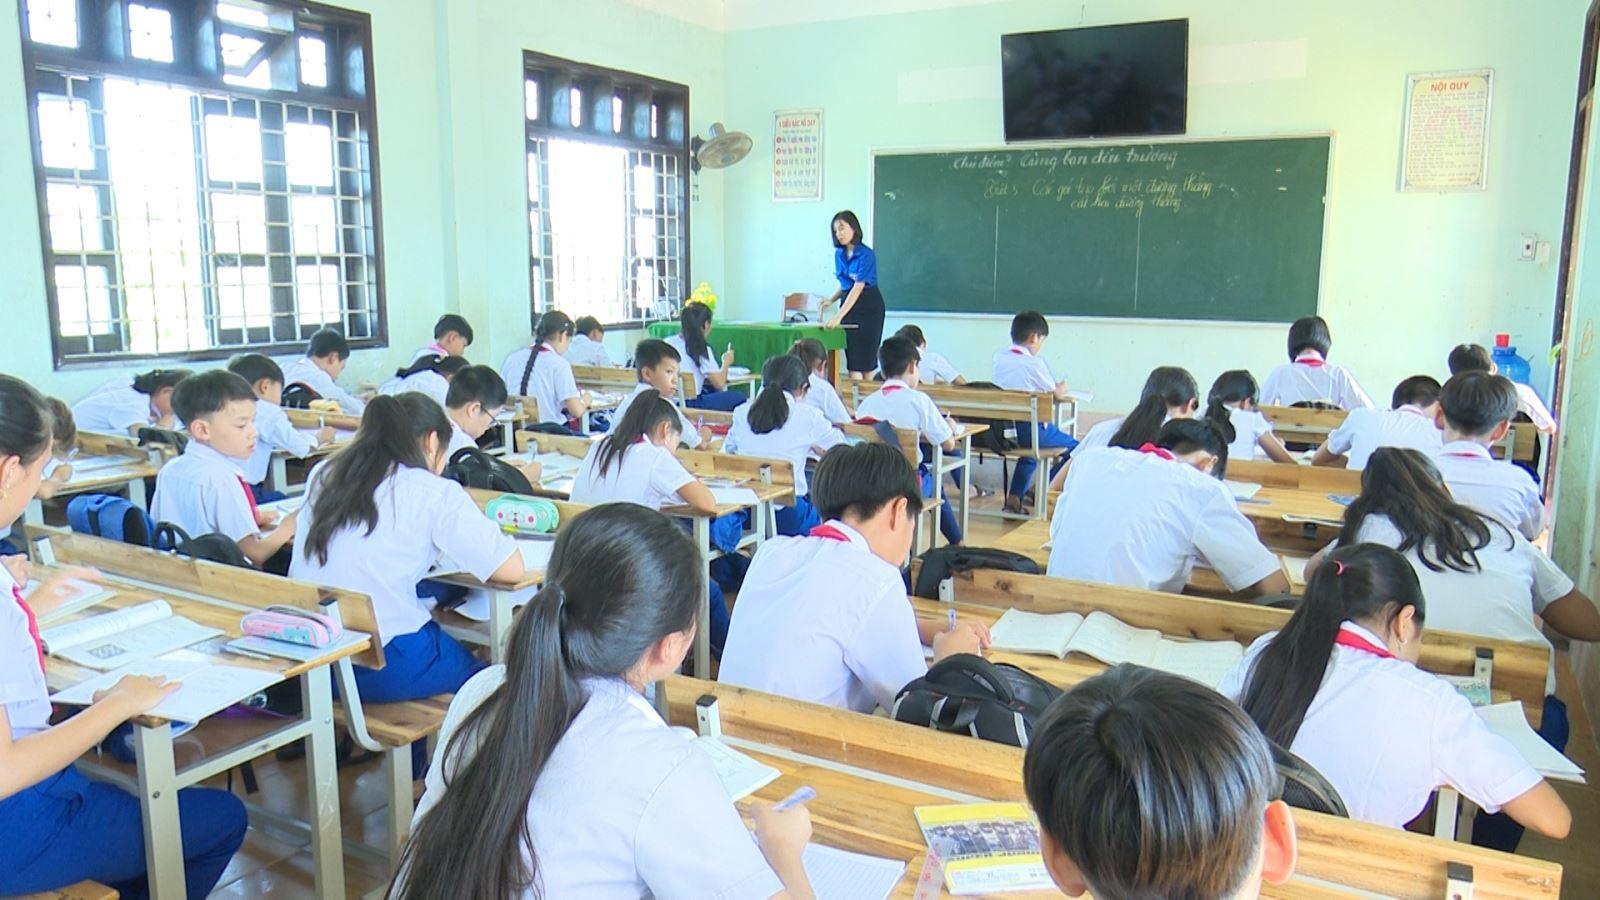 Thành phố Đông Hà sẽ điều động giáo viên, nhân viên các cấp học thuộc UBND thành phố quản lý từ đầu năm học mới 2019-2020.